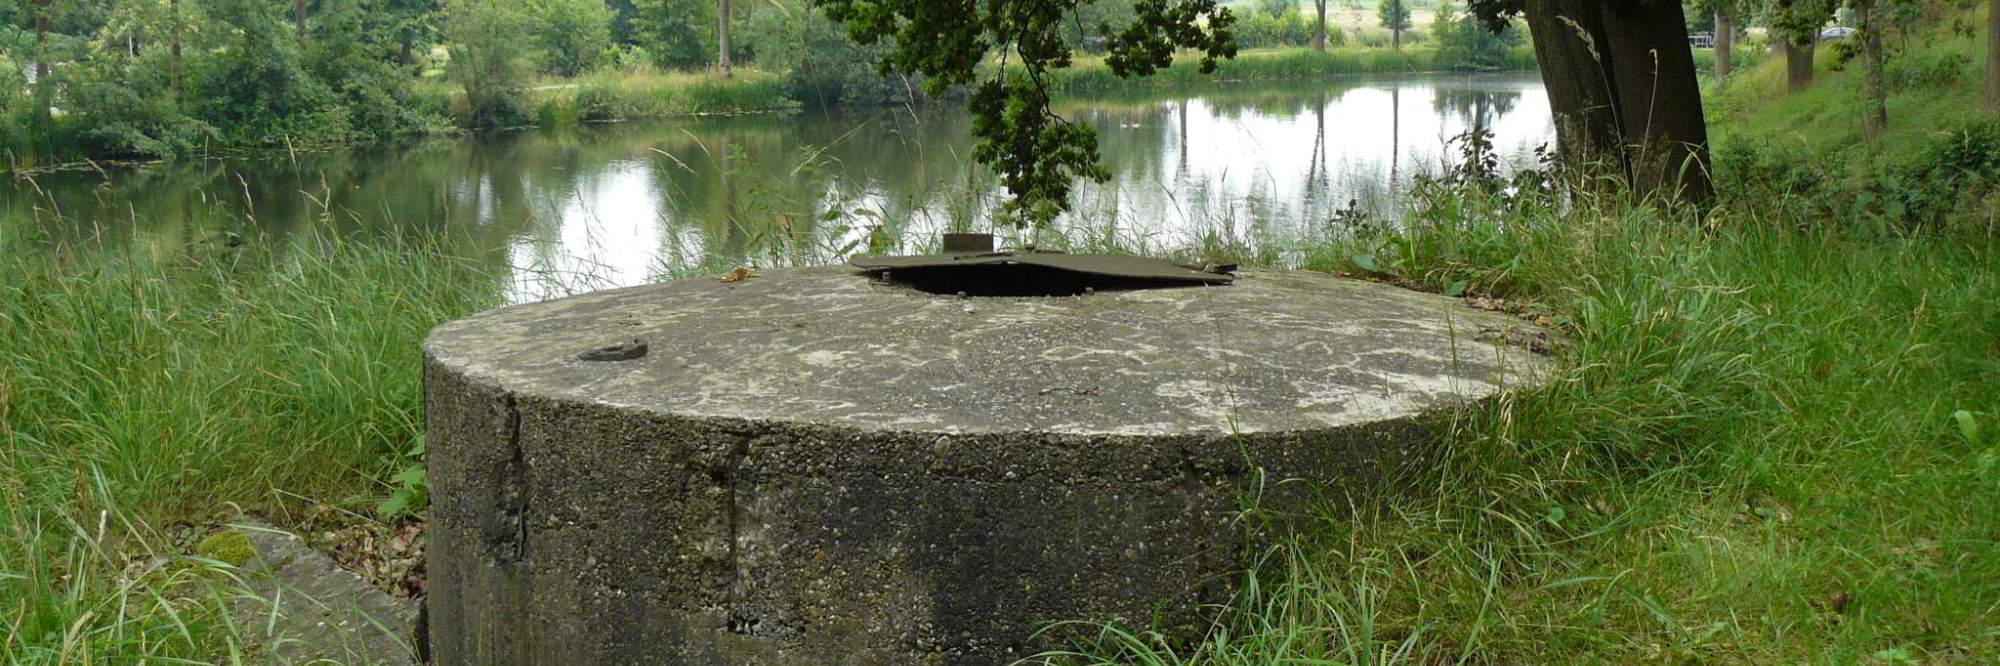 headerfoto nieuwe hollandse waterlinie